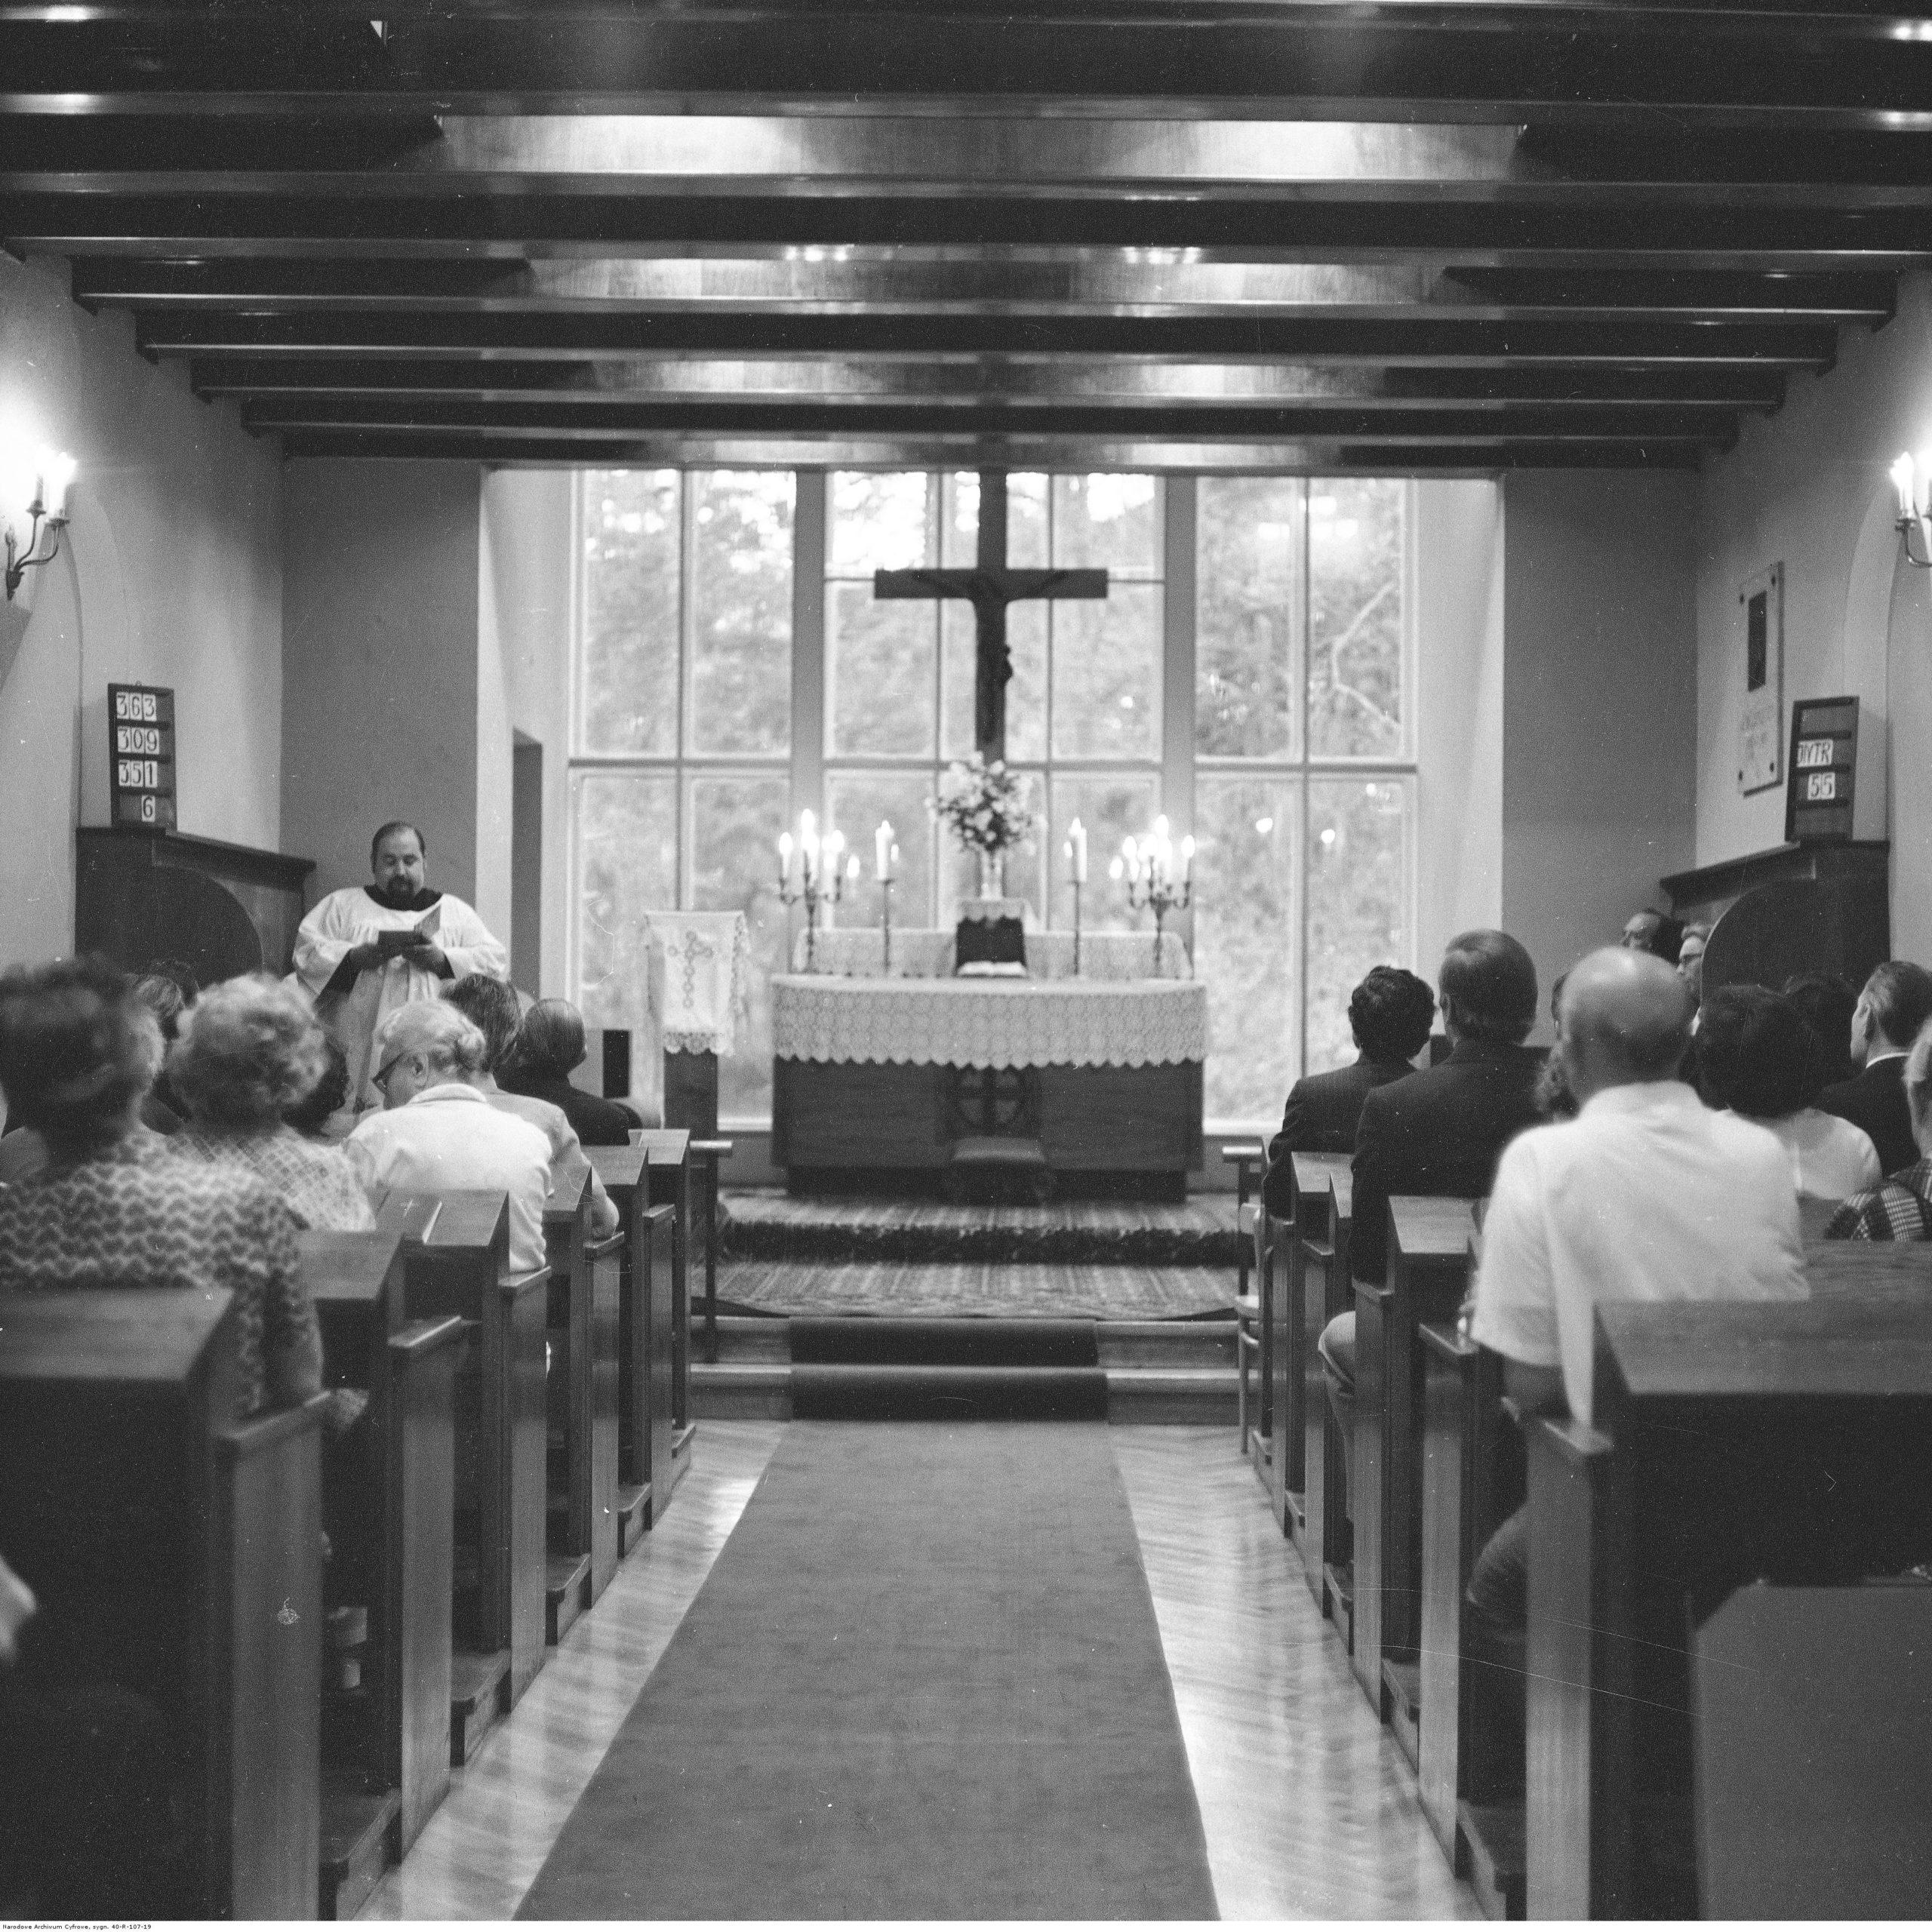 Kaplica w budynku Tabity - 1976 r (Narodowe Archiwum Cyfrowe)